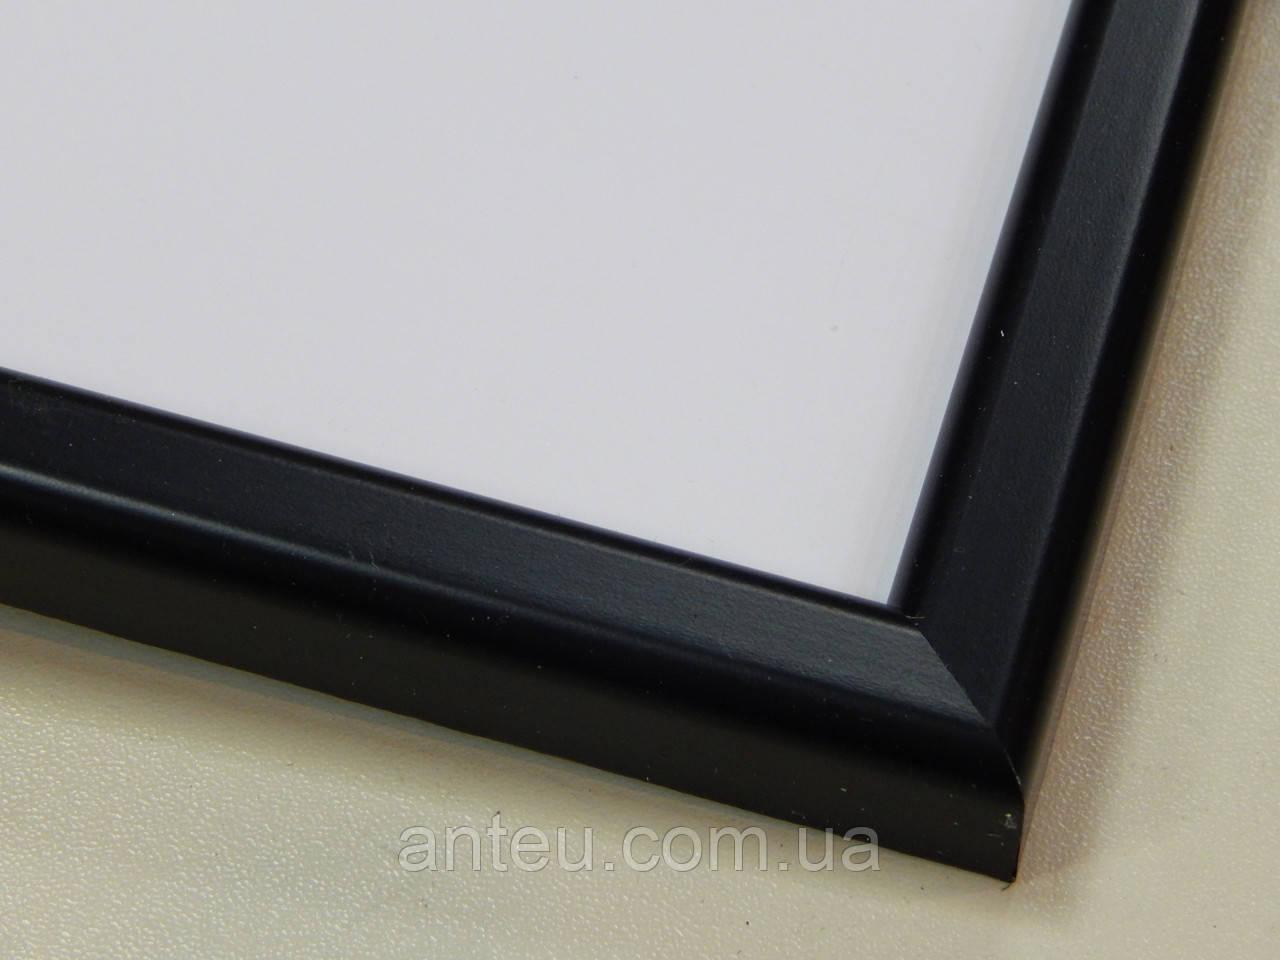 Рамка А4 (297х210).Рамка пластиковая 14 мм.Черный матовый.